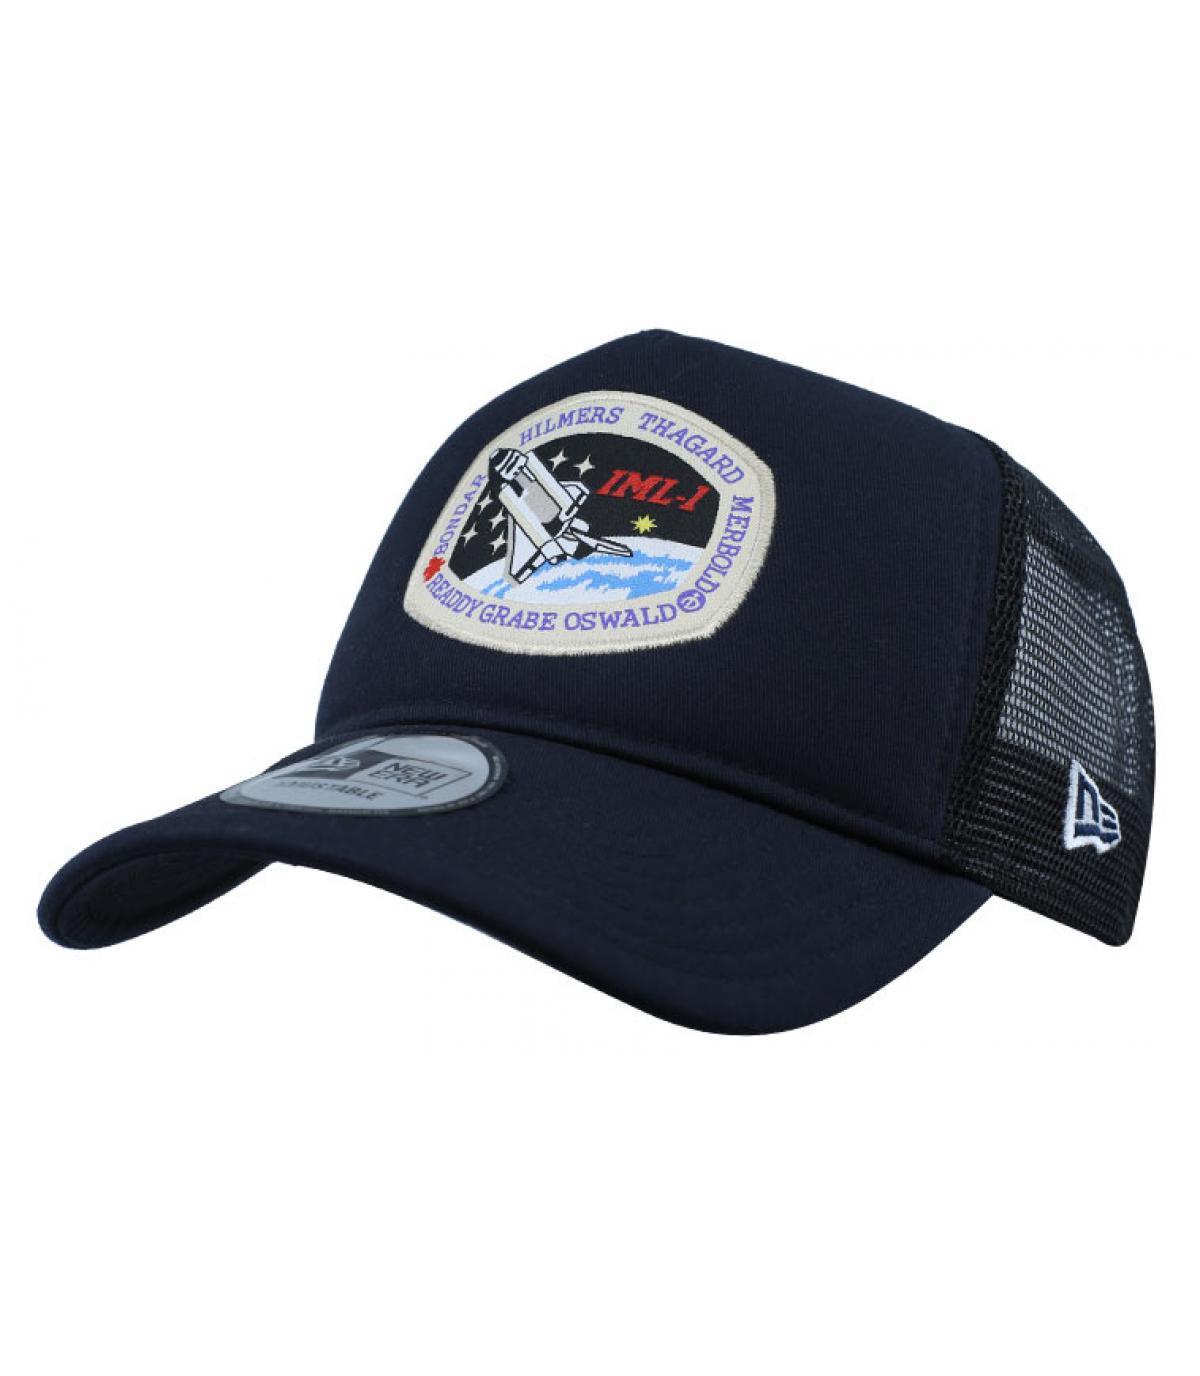 Dettagli Trucker ISA navy - image 2